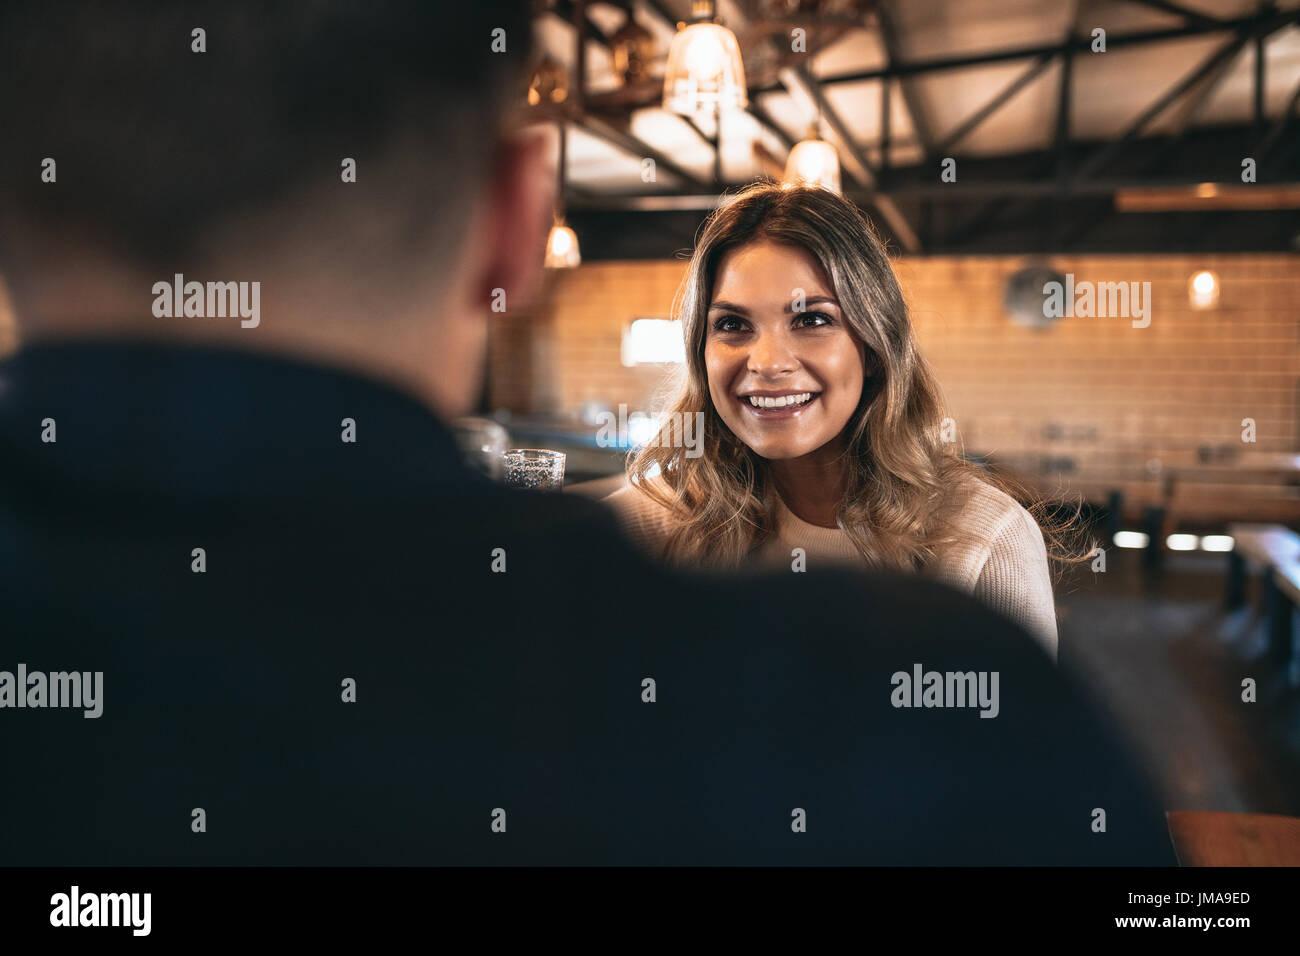 Hermosa mujer joven con un hombre en el bar. Pareja en el bar. Imagen De Stock